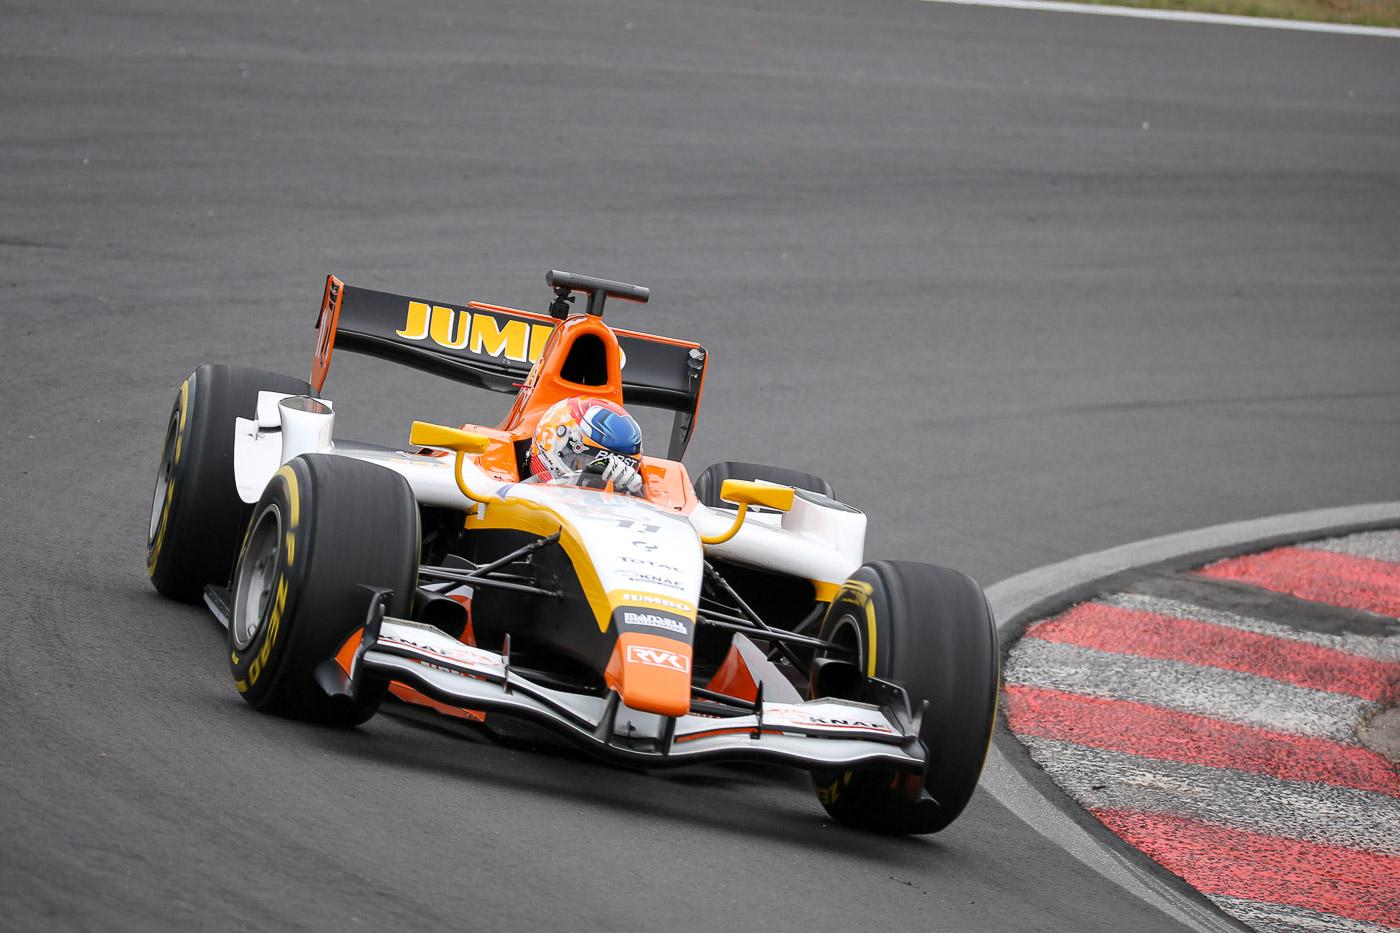 Dallara - GP2 Evo